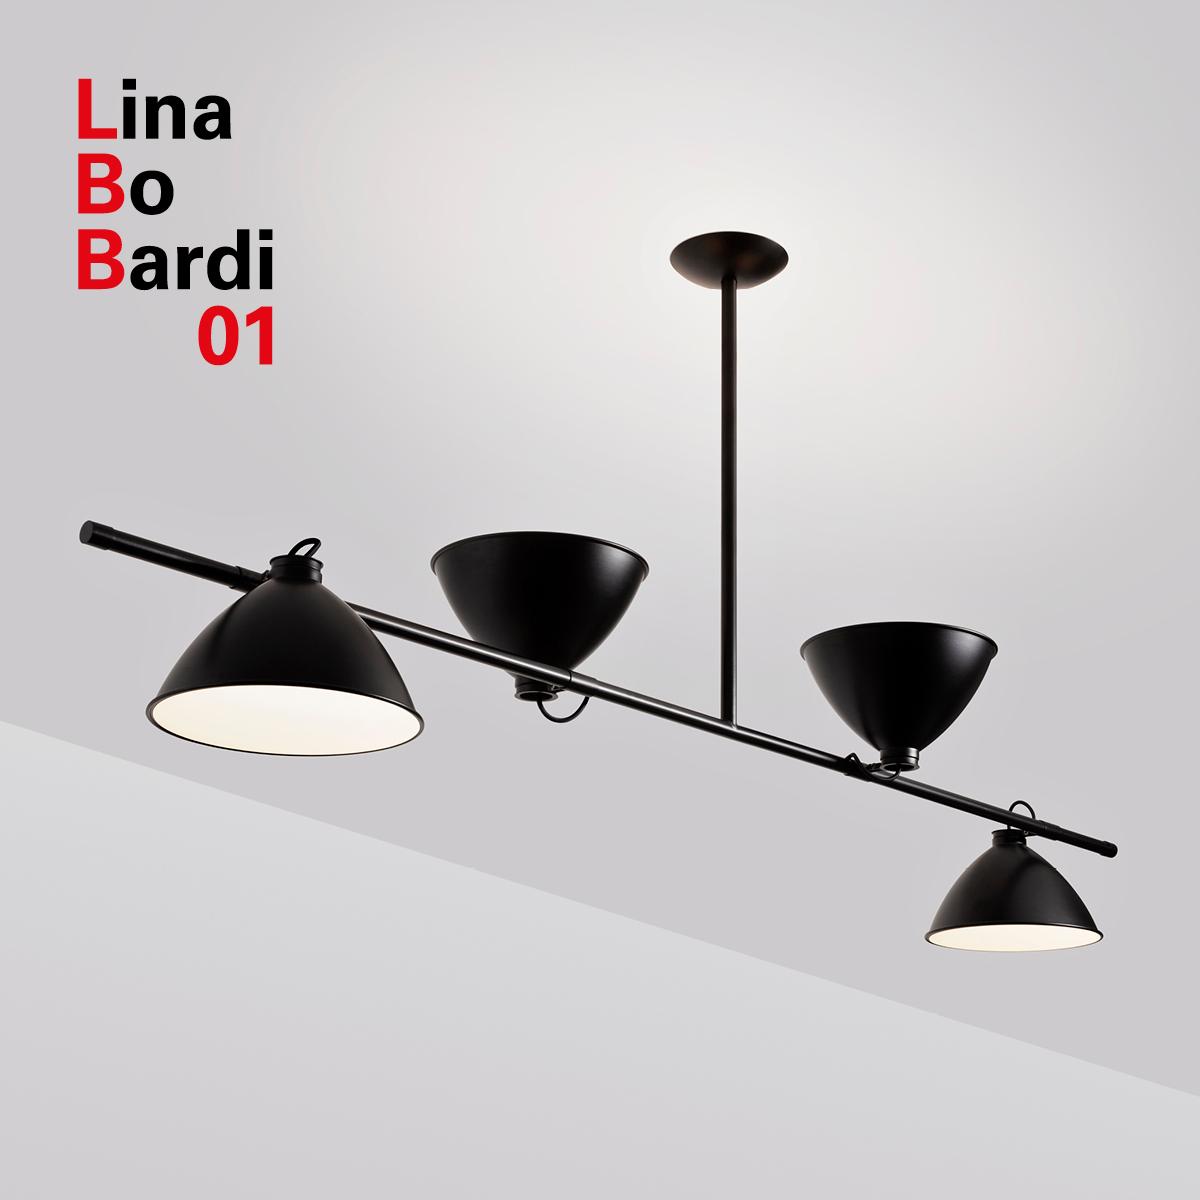 Lbb01 logo